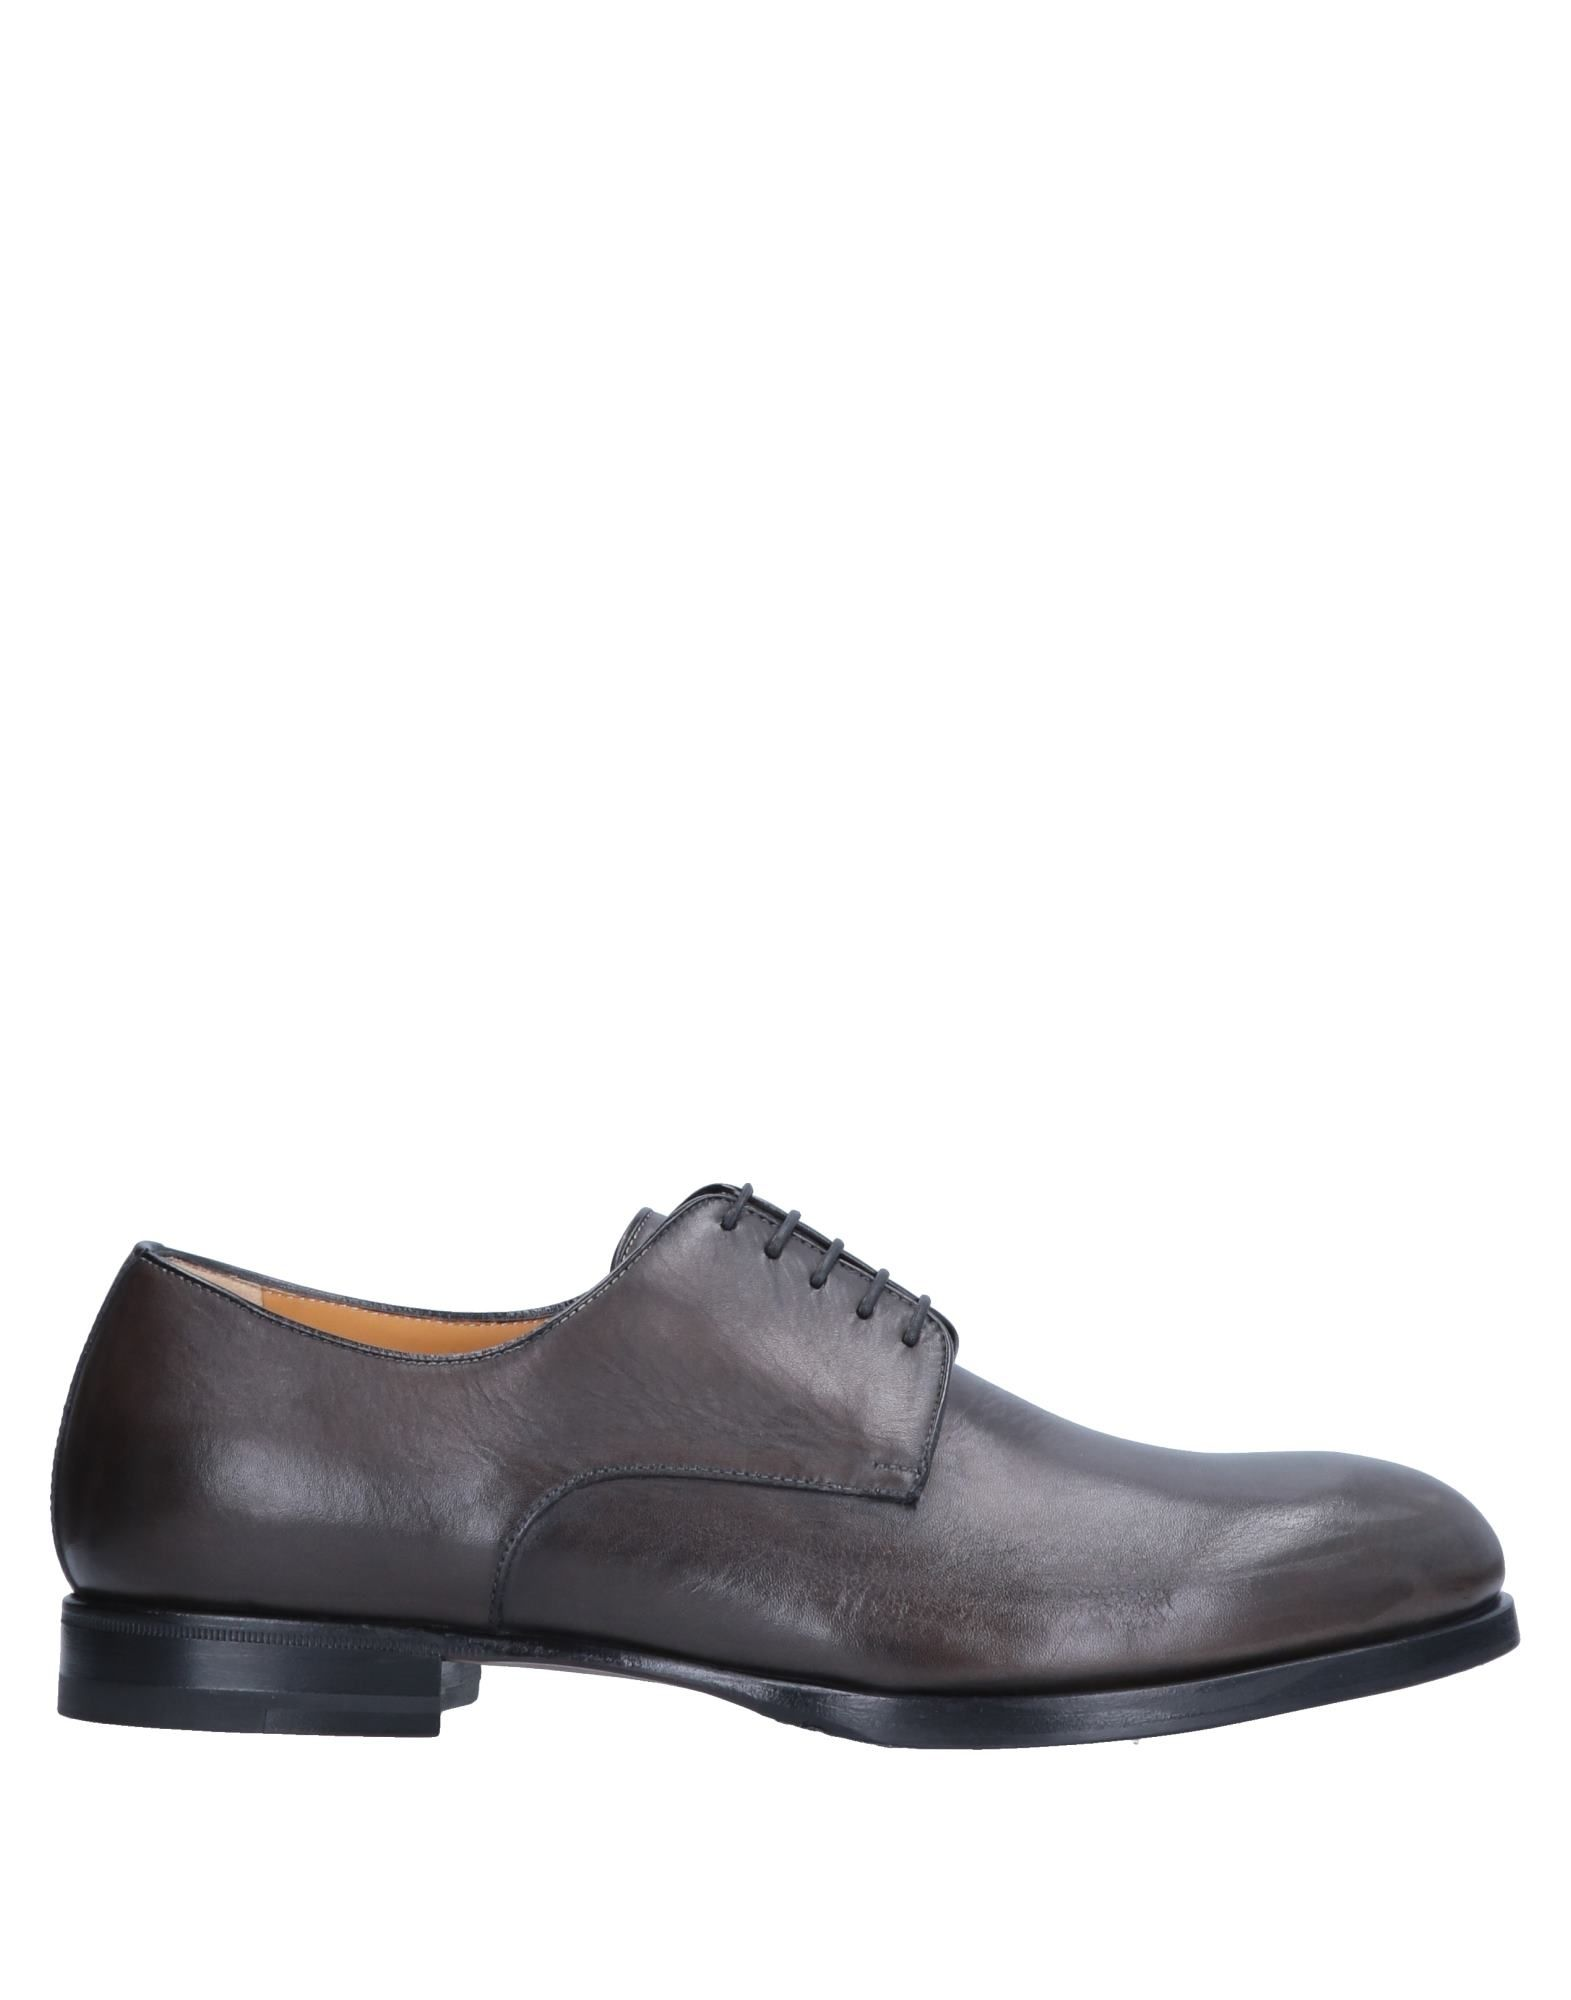 A.Testoni Schnürschuhe Herren  11455529GV Gute Qualität beliebte Schuhe